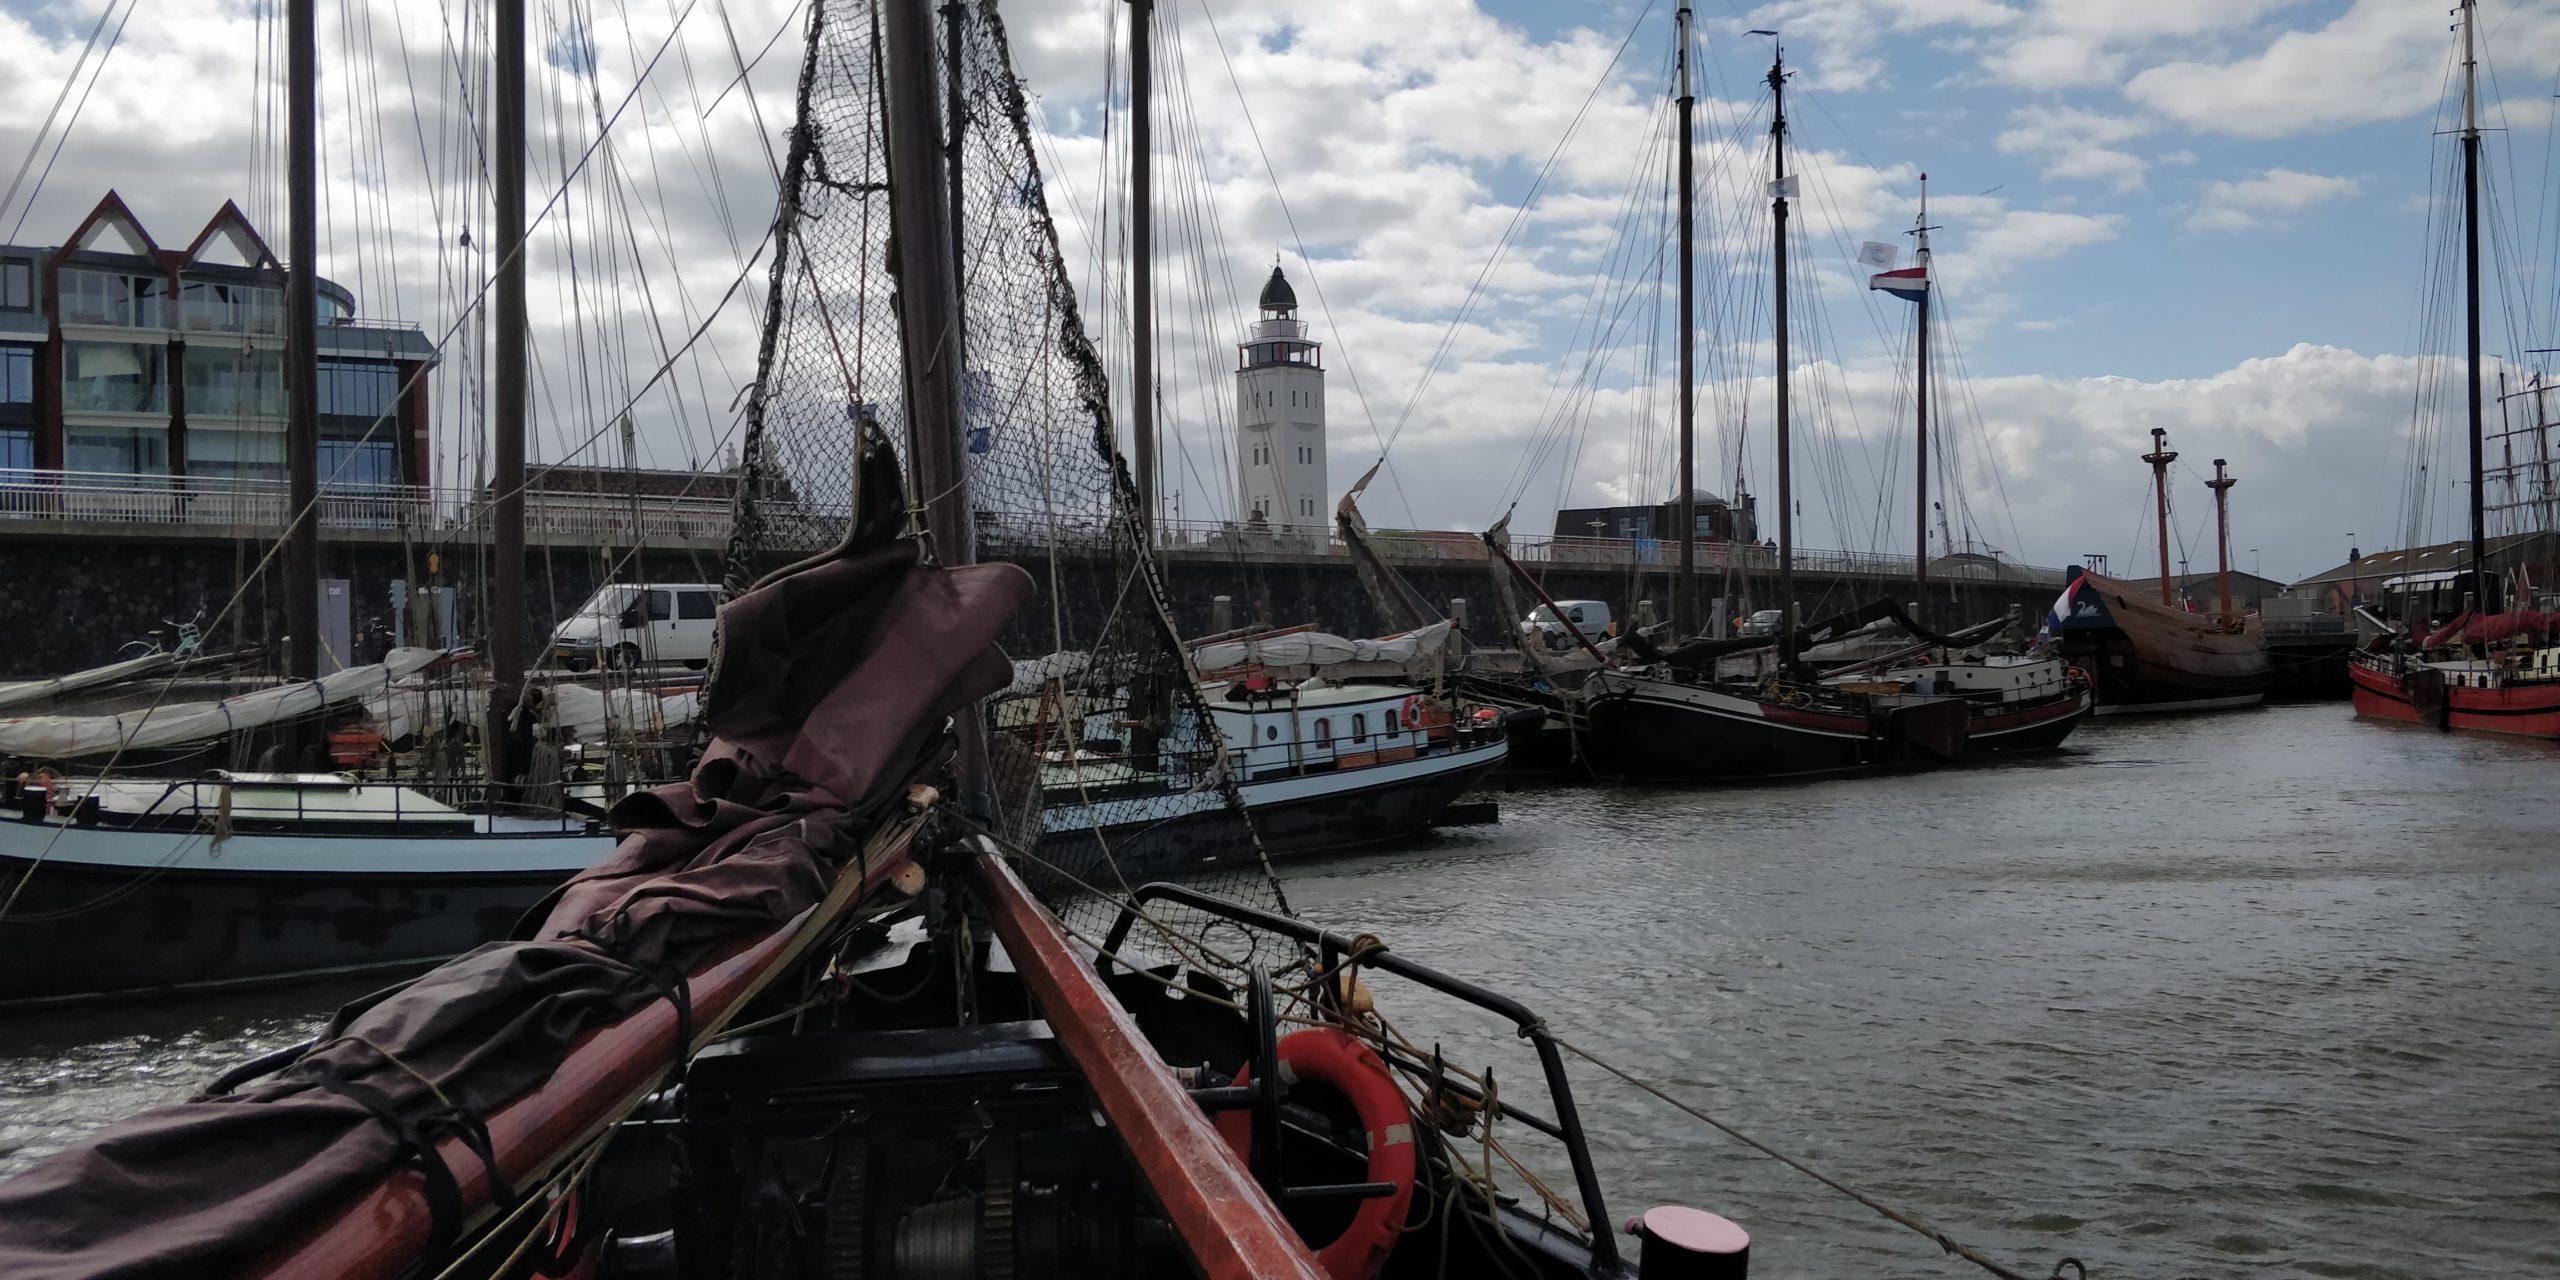 In de haven | Landschapsfotograaf Harmen Piekema